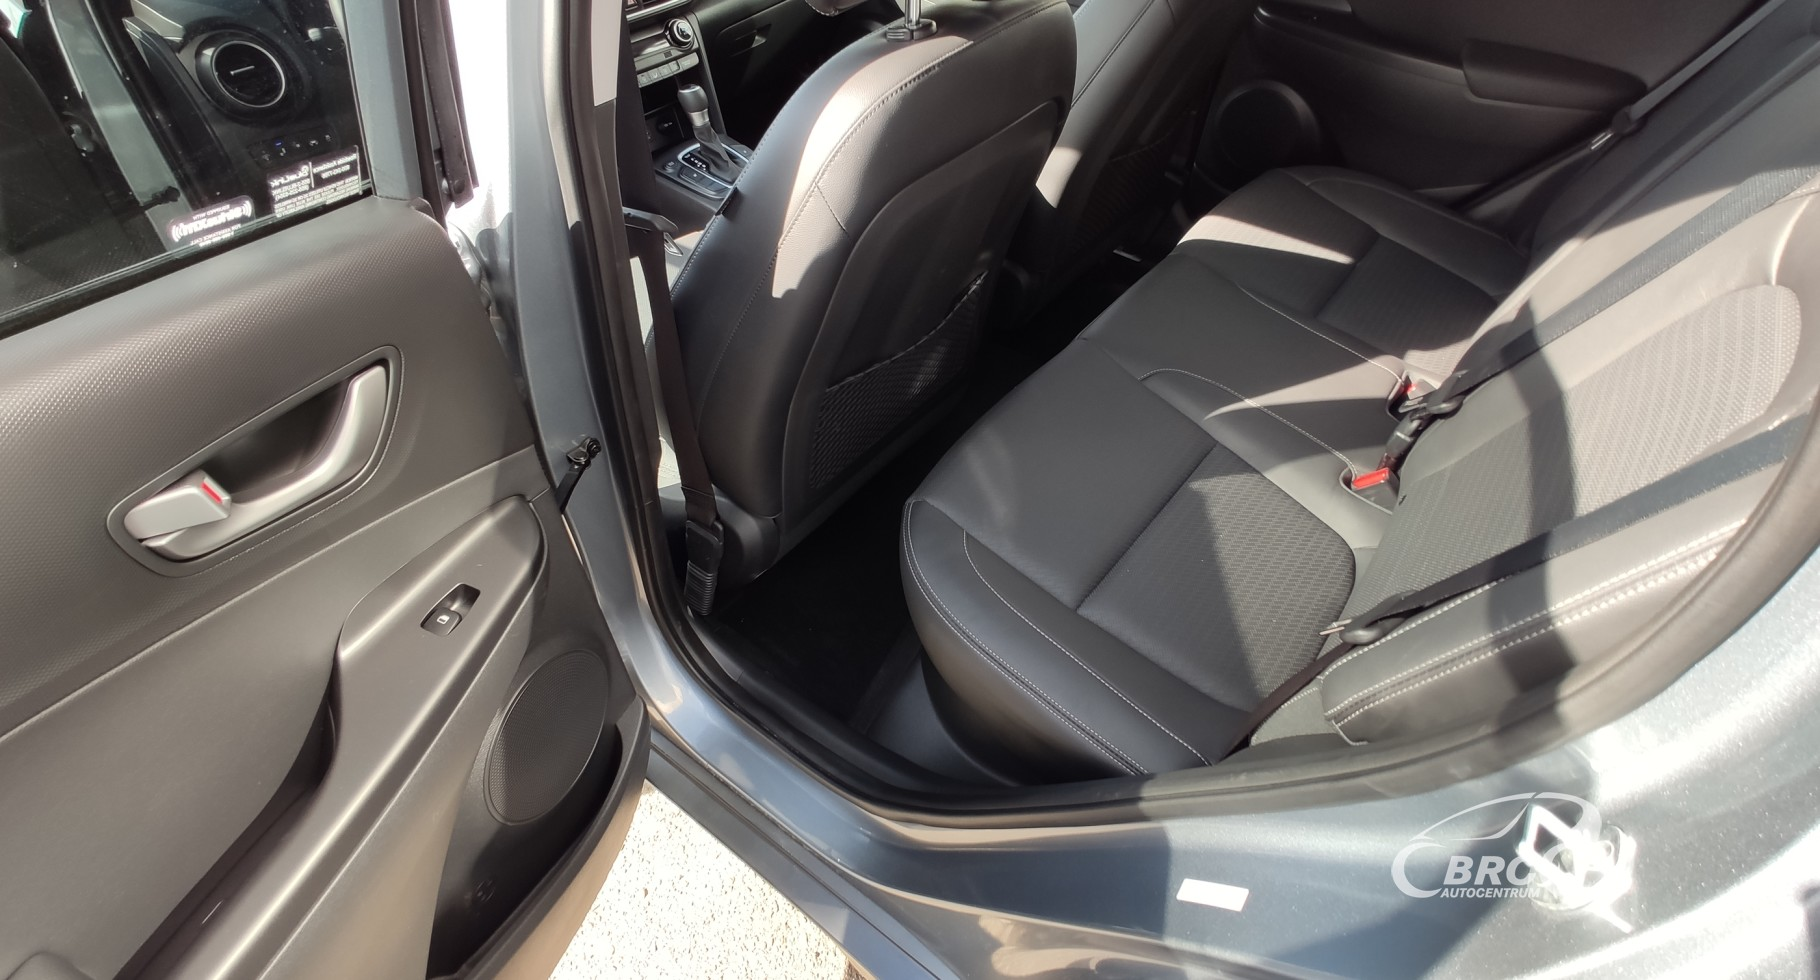 Hyundai Kona 1.6 T-GDI Automatas